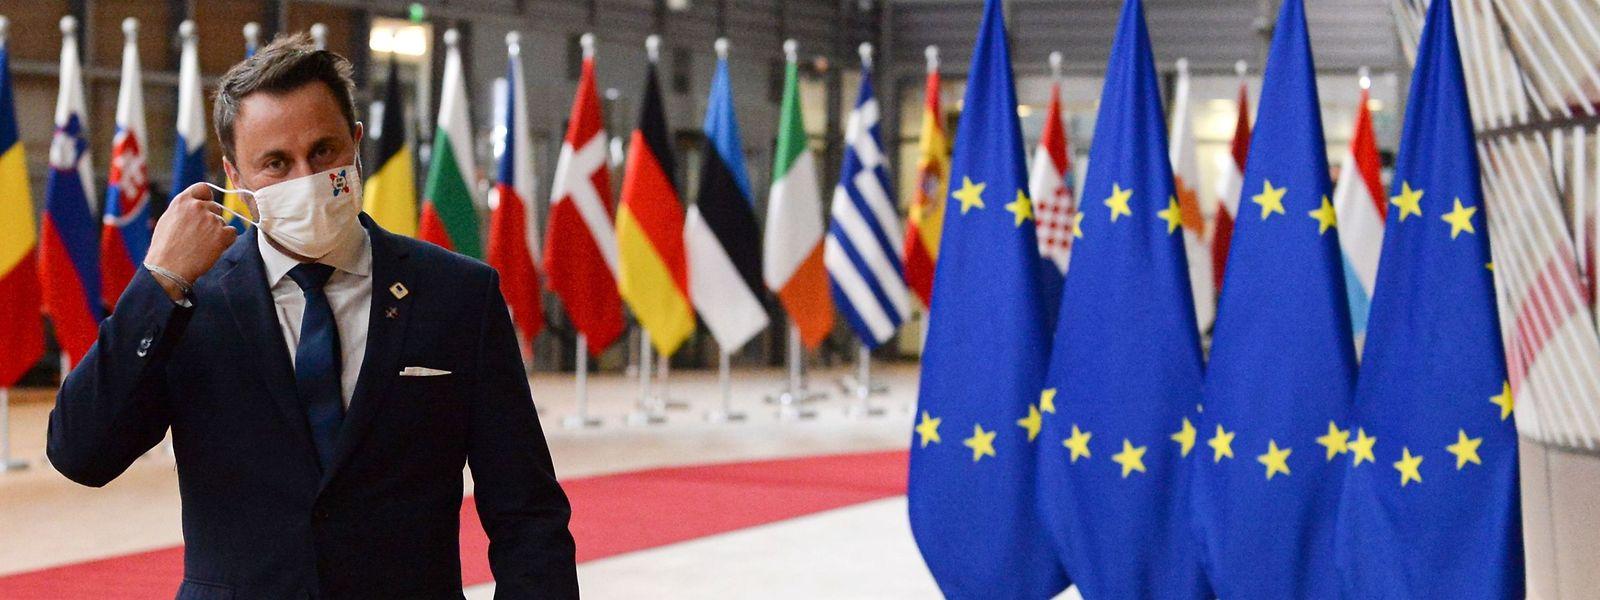 Xavier Bettel beriet noch am Freitagabend mit der Gesundheitsministerin und Experten über die aktuelle Situation bei den Corona-Neuinfektionen. Zuvor hatte Bettel am EU-Gipfeltreffen in Brüssel teilgenommen.